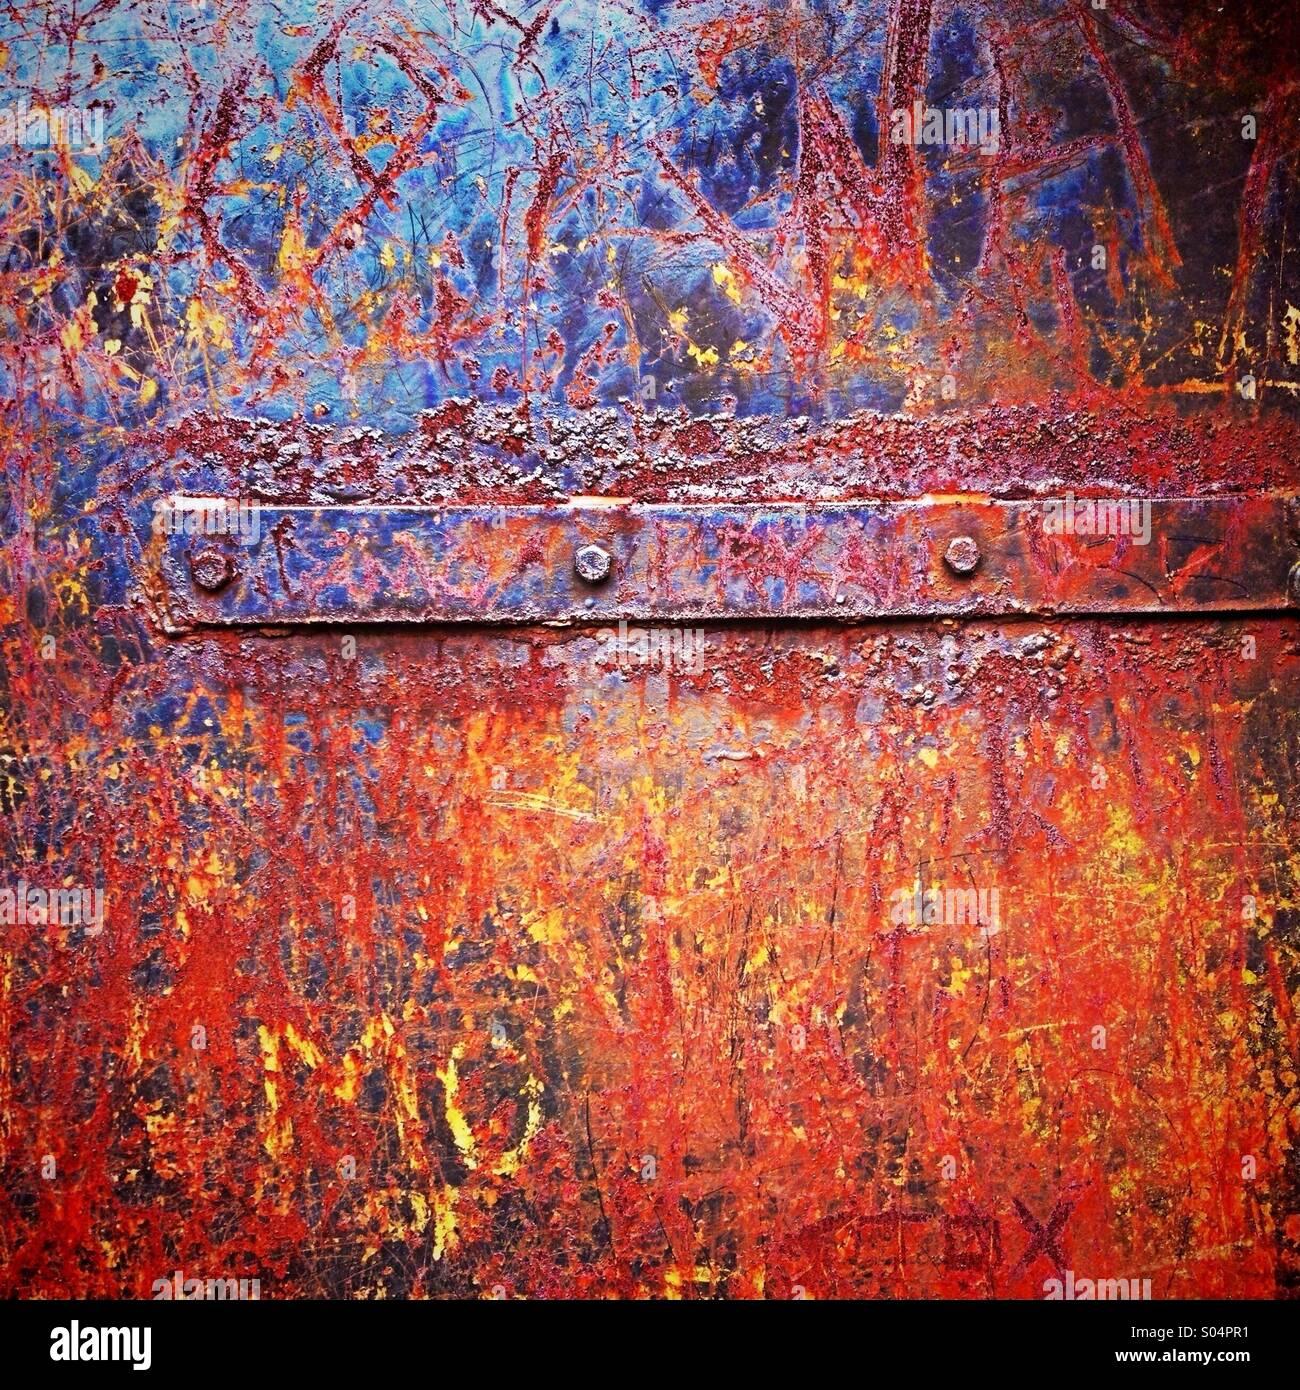 Rust on metal door - Stock Image